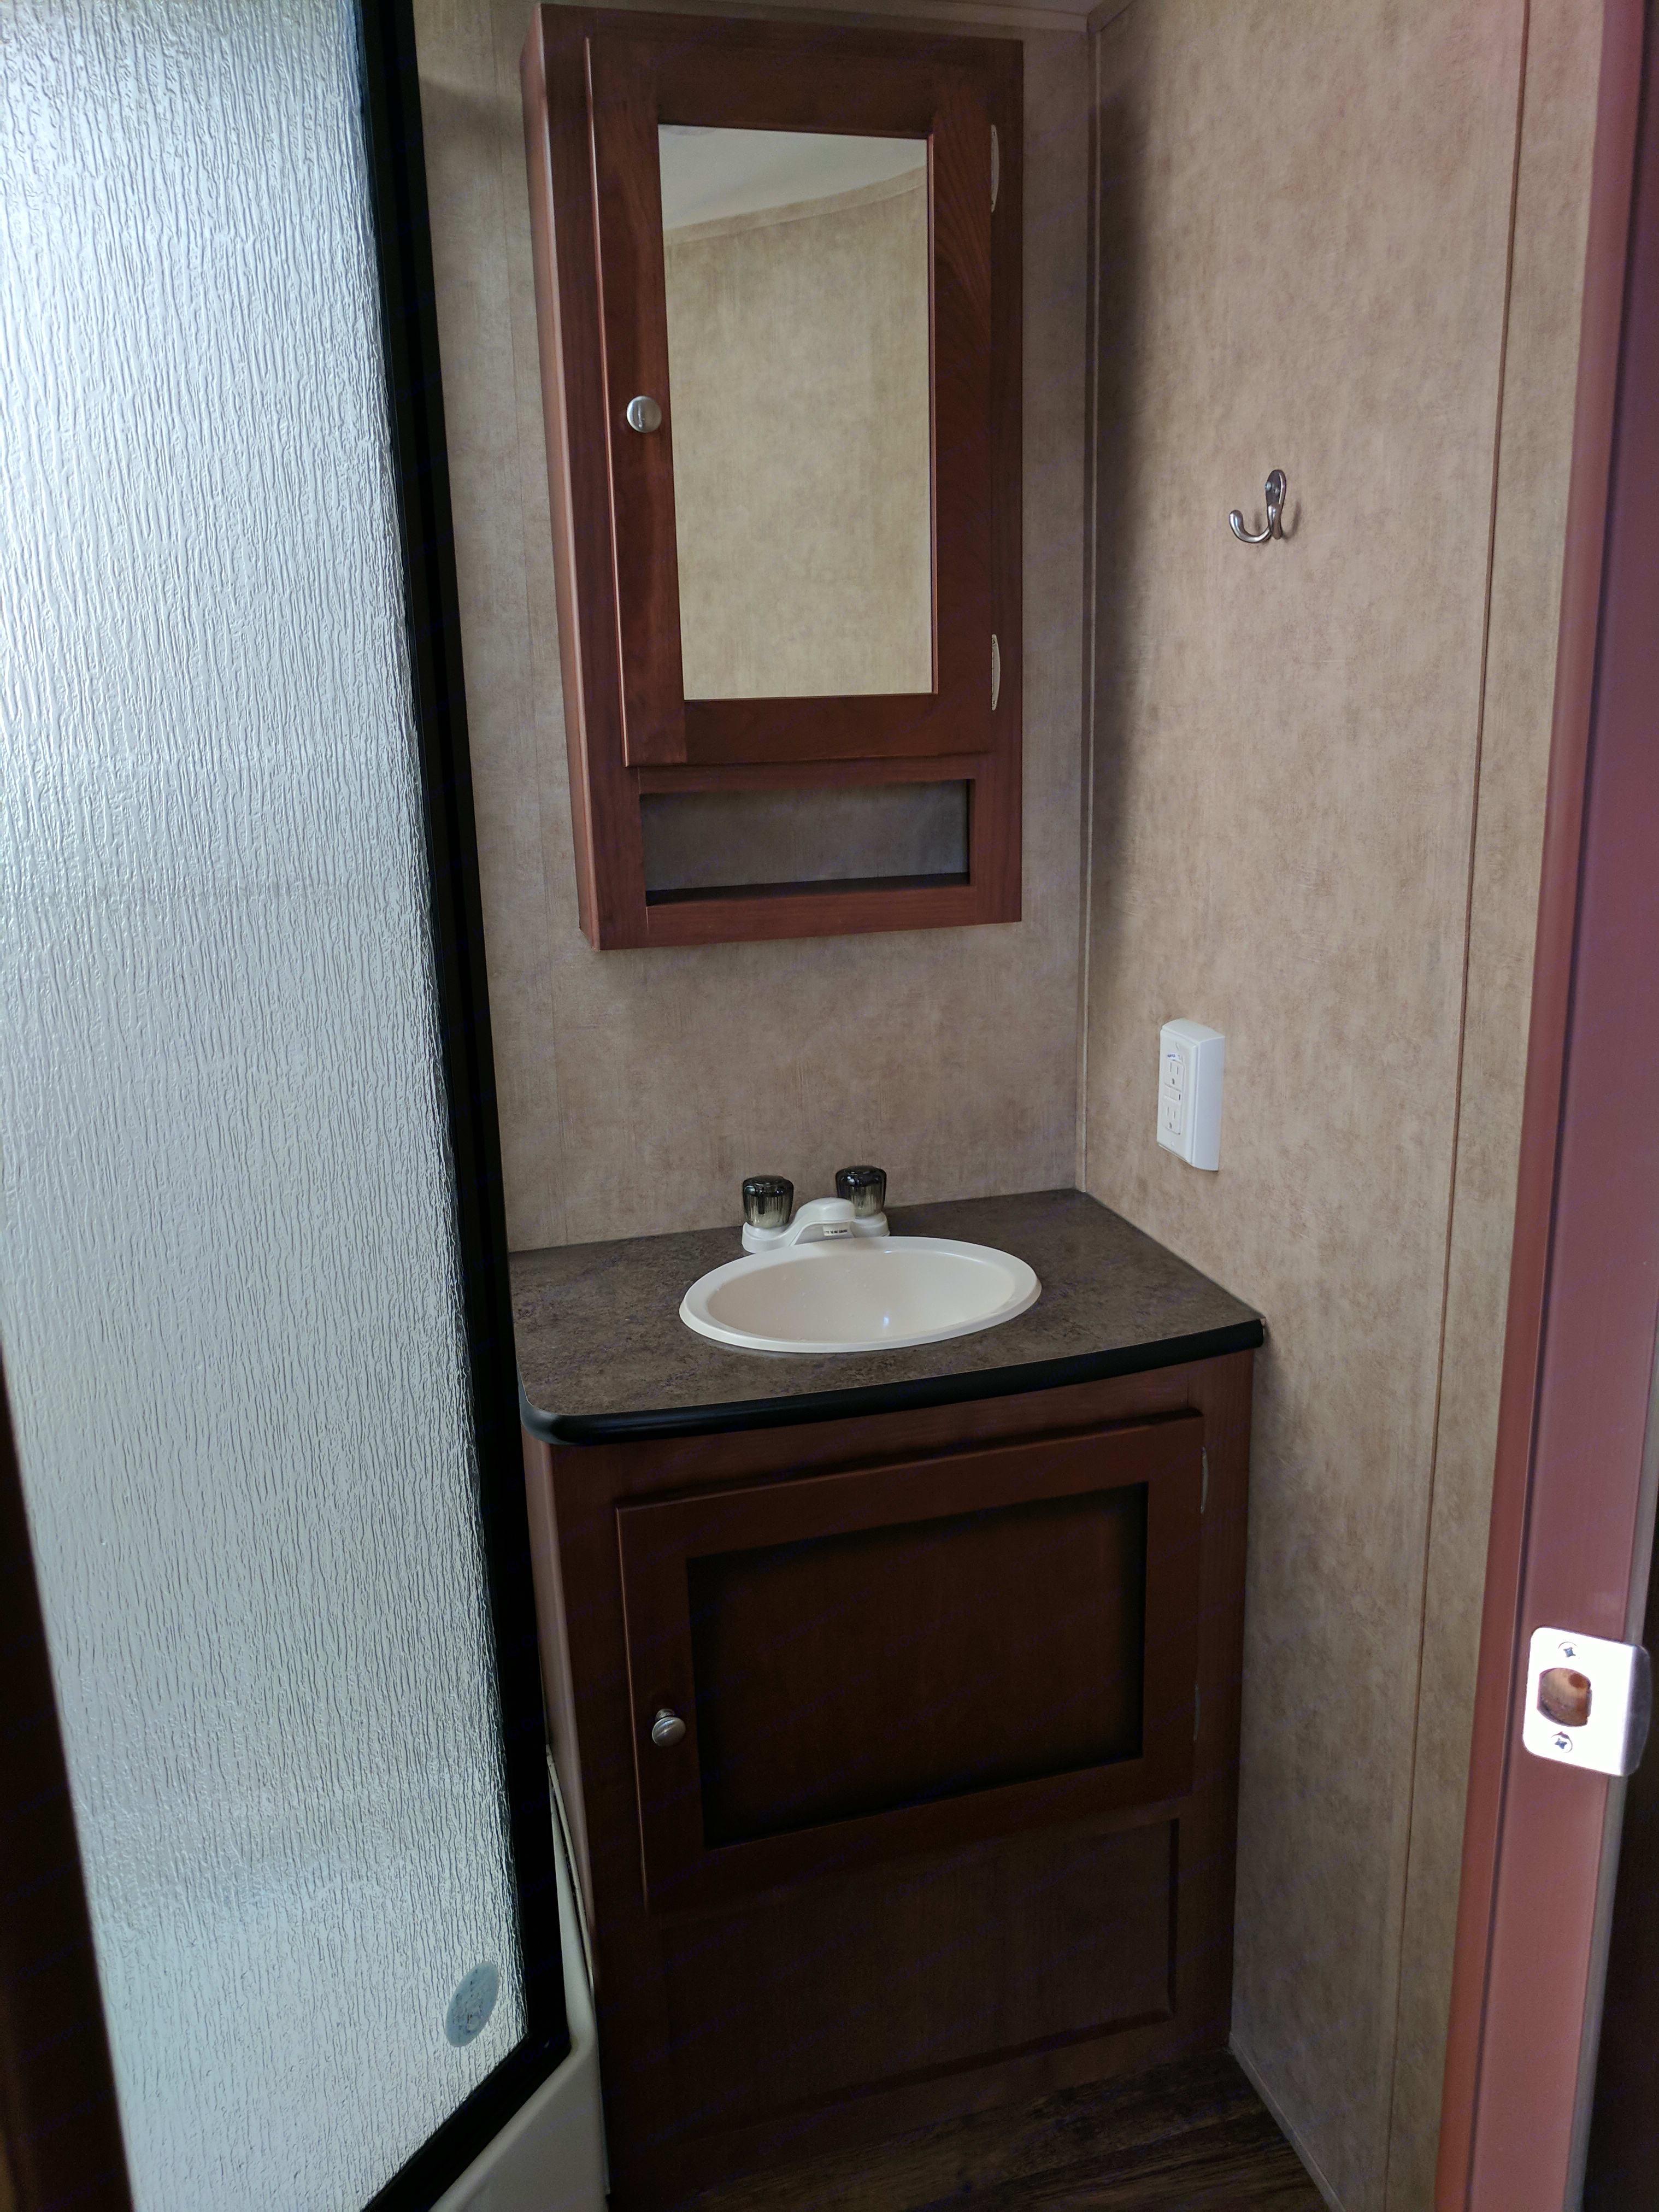 Washroom sink. Dutchmen Kodiak 2013